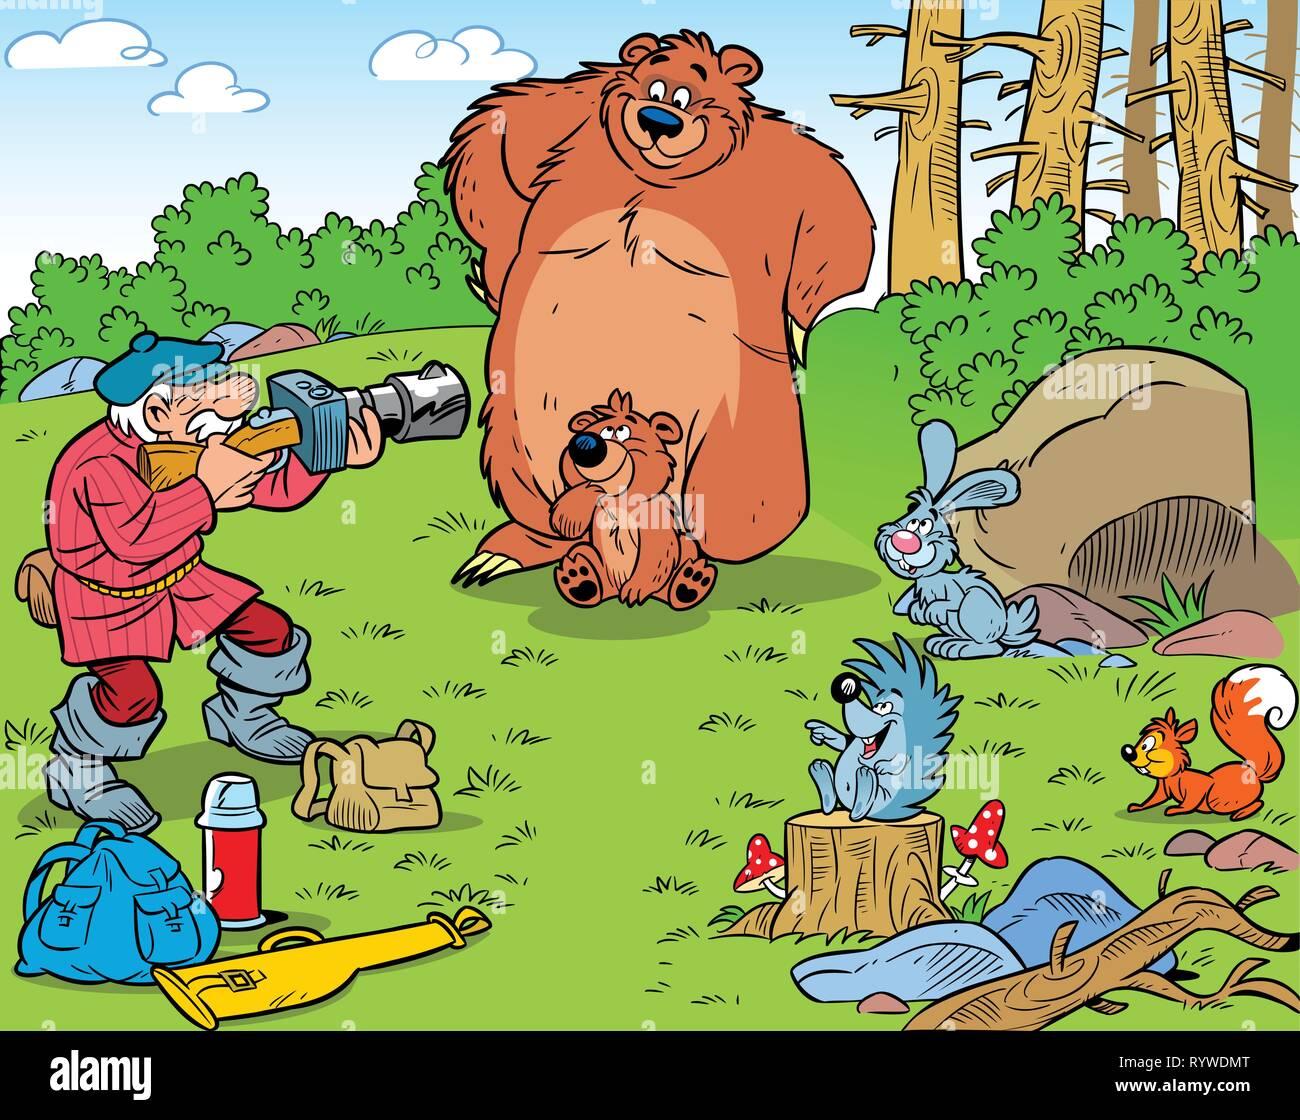 L'illustration montre un chasseur de photographier des animaux sauvages. Illustration faite dans un amusant cartoon style. Illustration de Vecteur